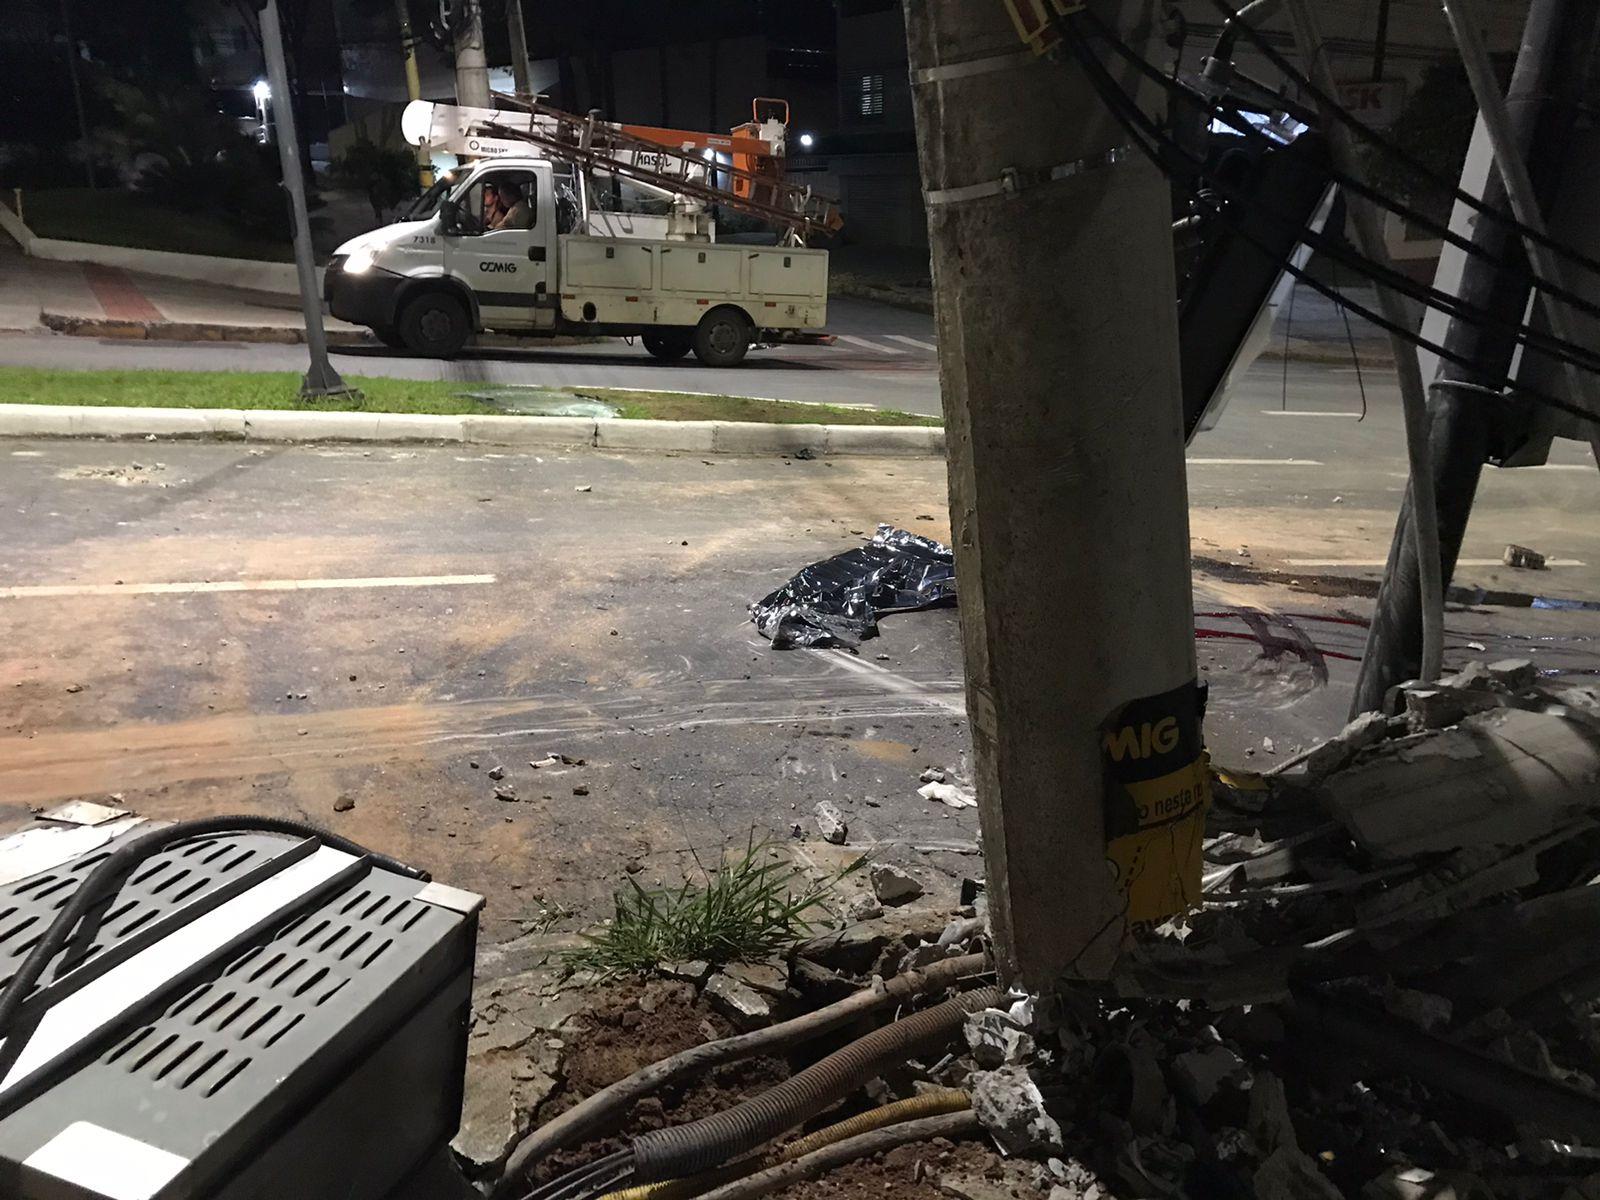 Motorista morre depois de bater o carro em poste da Avenida Professor Mário Werneck, em BH - Foto: Divulgação/PM